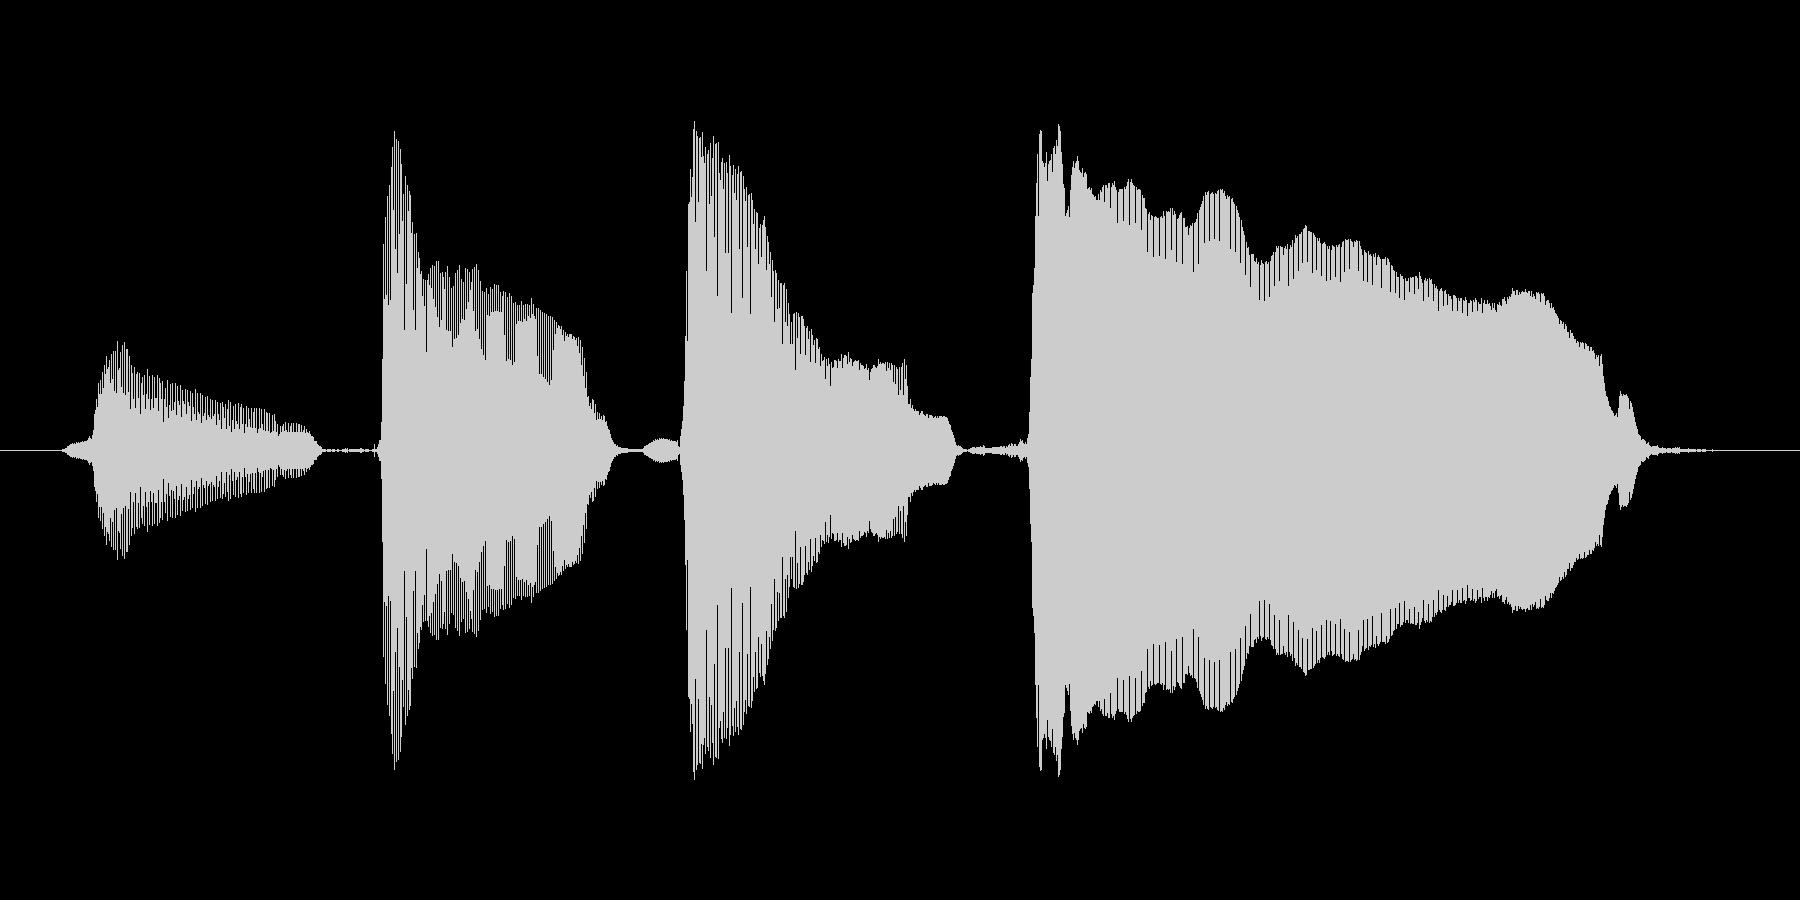 【ボイスSE】ピンポンパンポーン↑の未再生の波形